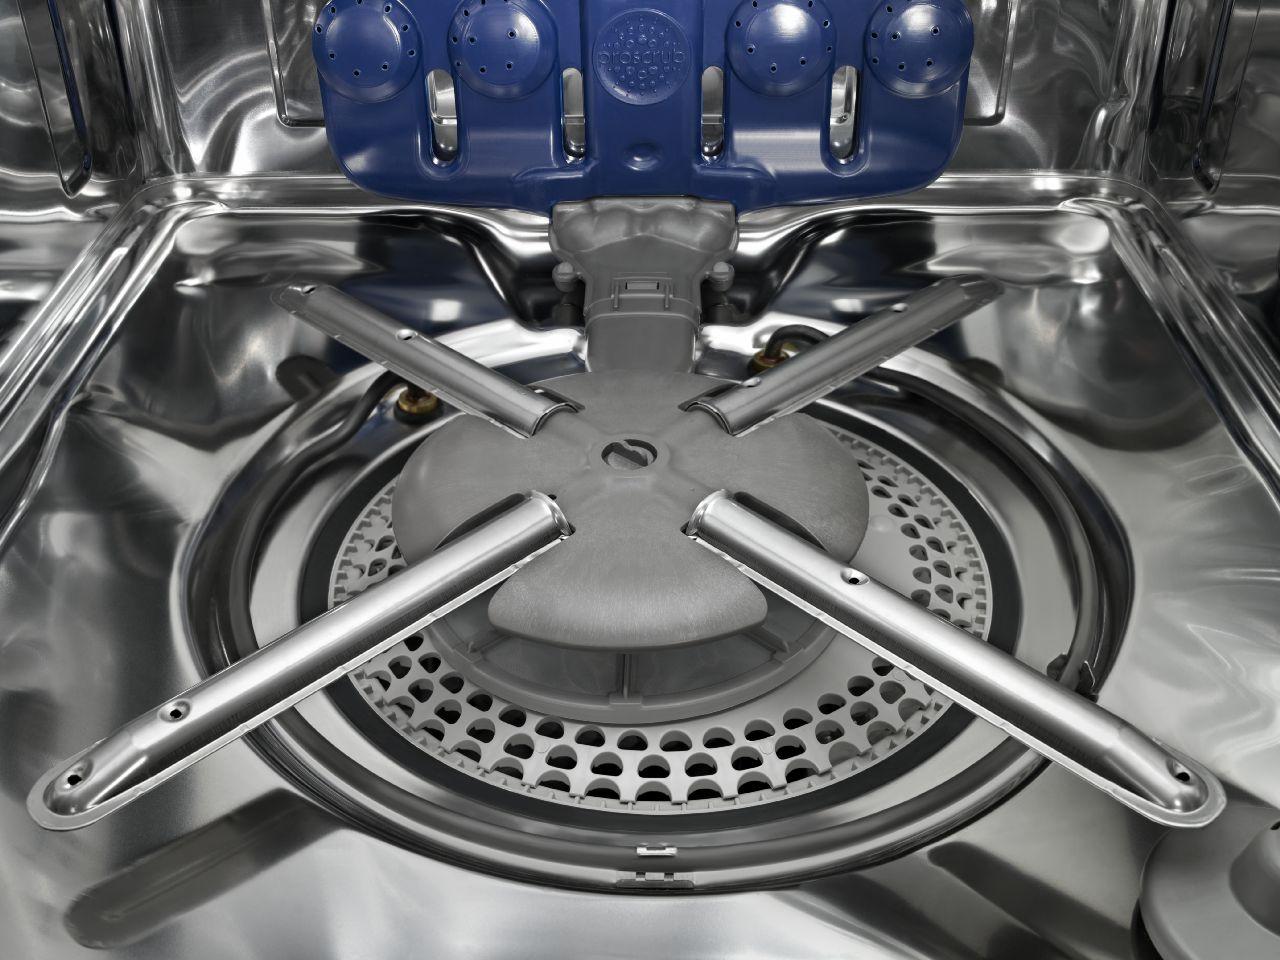 KitchenAid Dishwasher Model KUDS30FXBL4 Parts